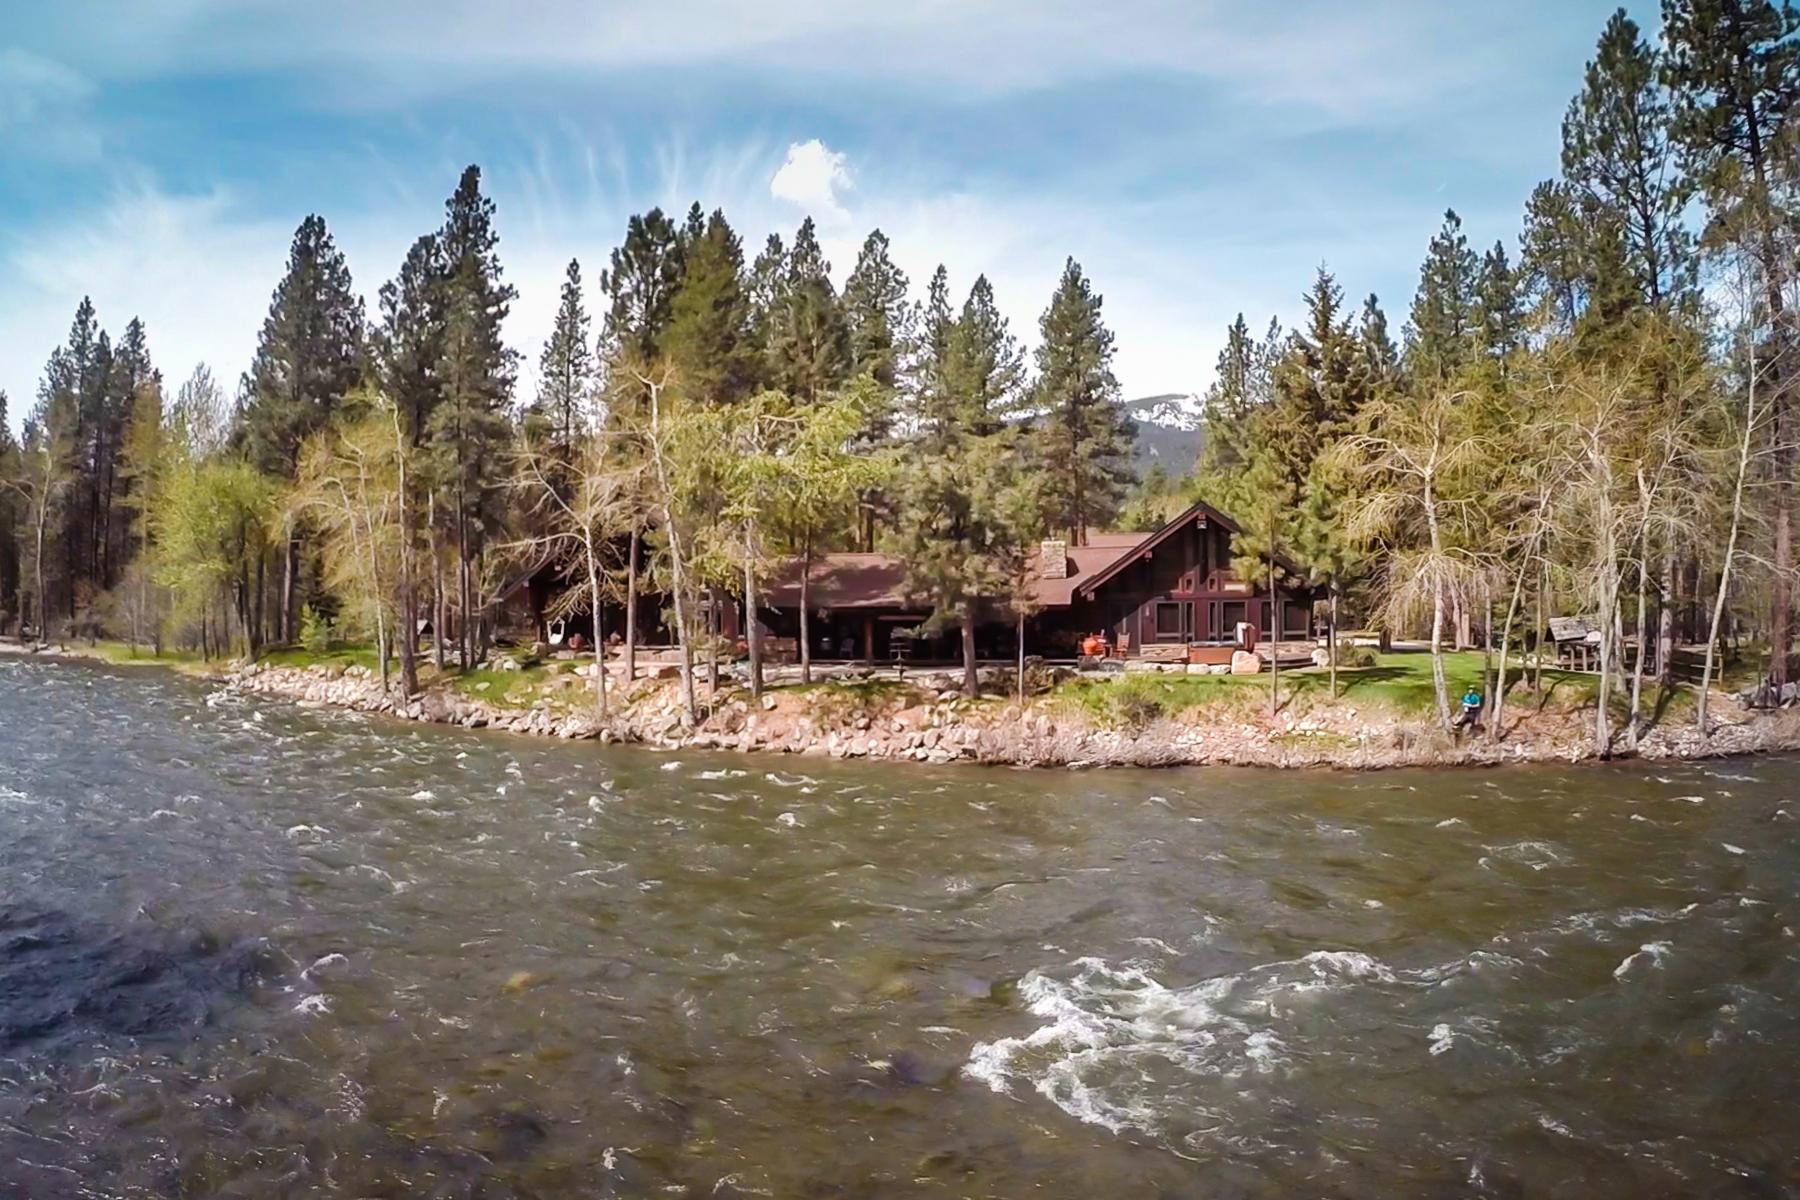 Moradia para Venda às 5492 West Fork Road 5492 West Fork Rd Darby, Montana, 59829 Estados Unidos